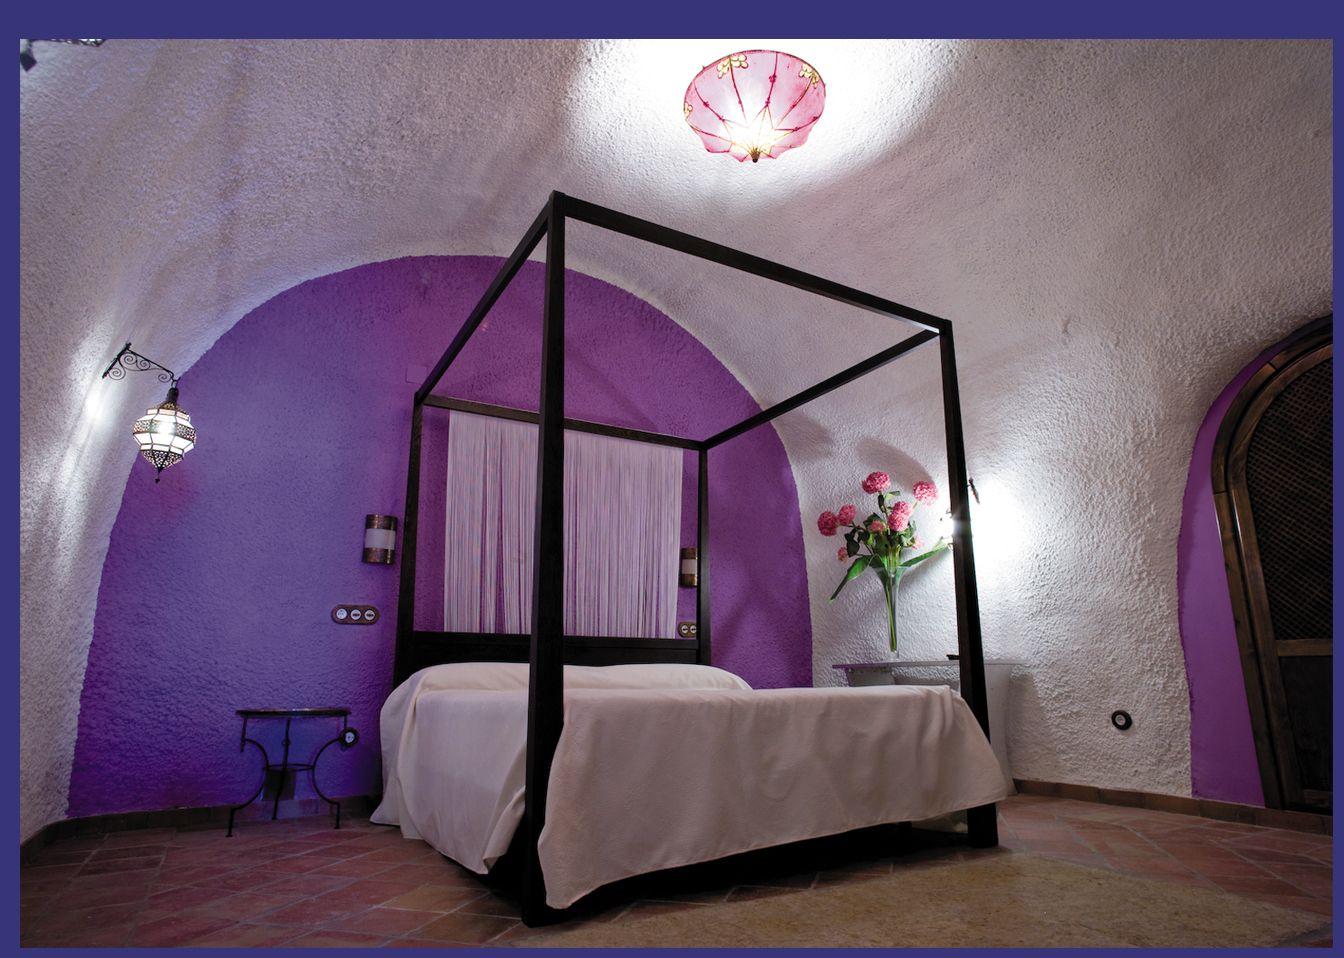 El Ventorro Pregúntanos por nuestras casas rurales y hotelitos con encanto www.ruralandalus.es